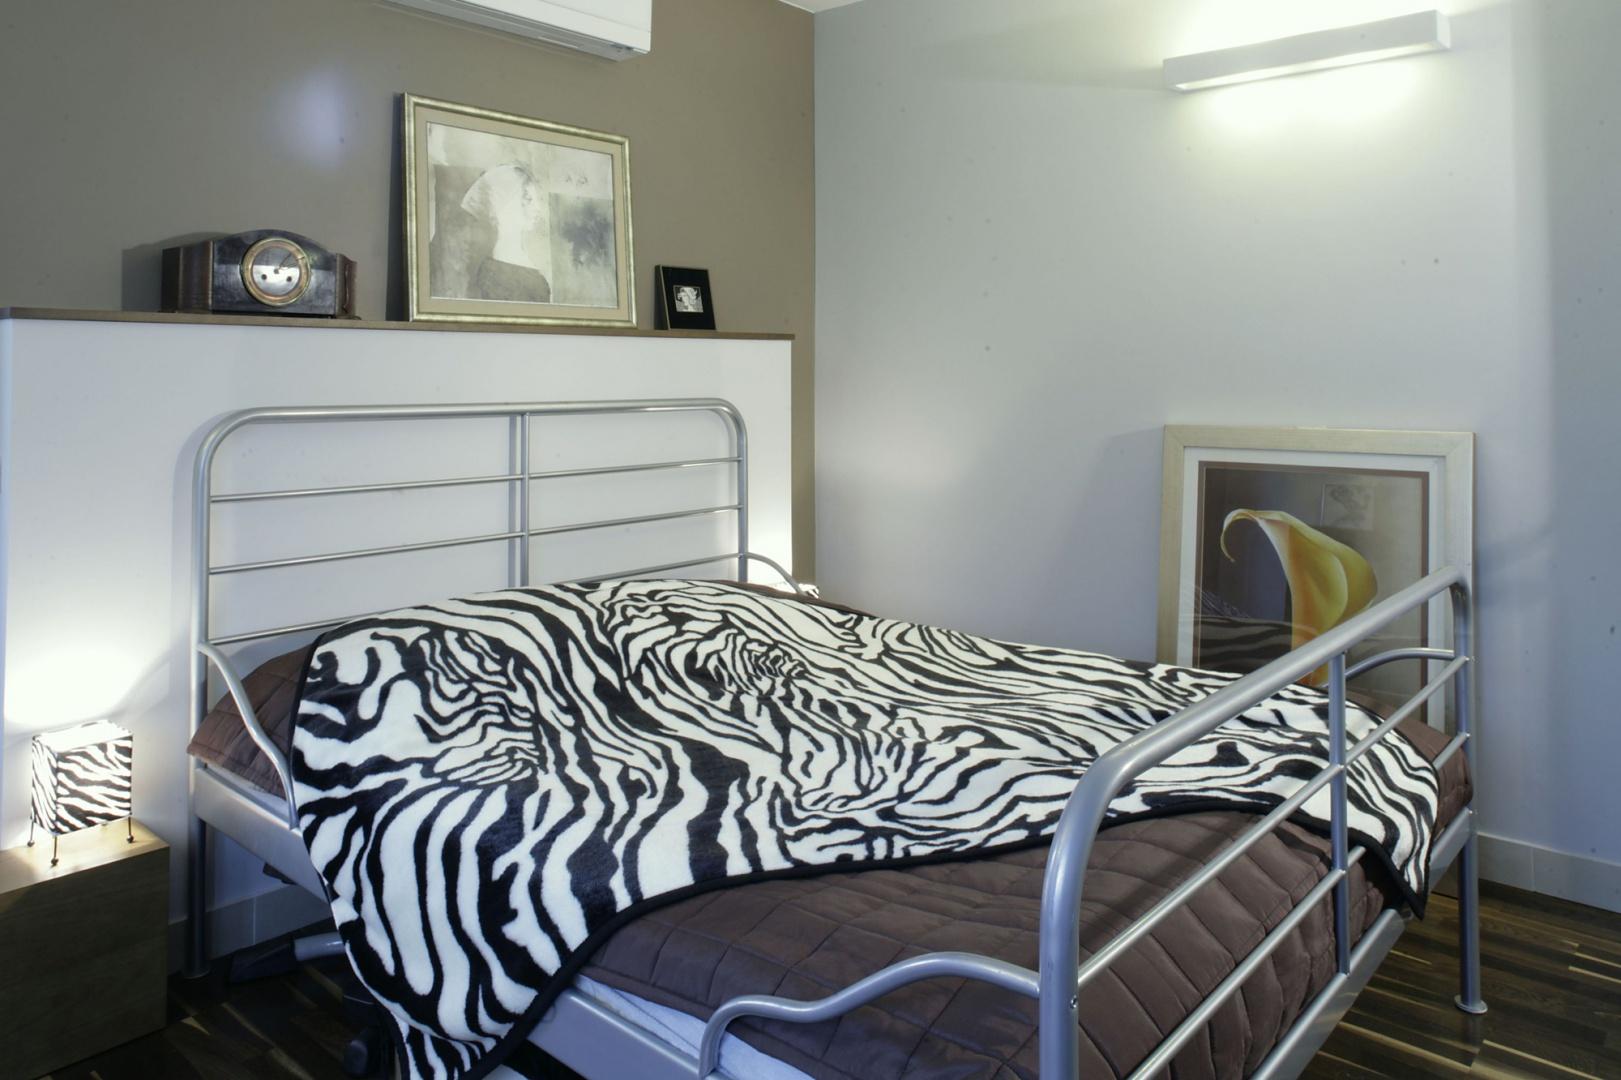 Paski zebry rozgościły się także w małżeńskiej sypialni, przejmując w posiadanie narzutę oraz abażury lampek nocnych. Ściany sypialni pomalowano na odcienie chłodnego kakao, bieli i szarości. Fot. Monika Filipiuk.